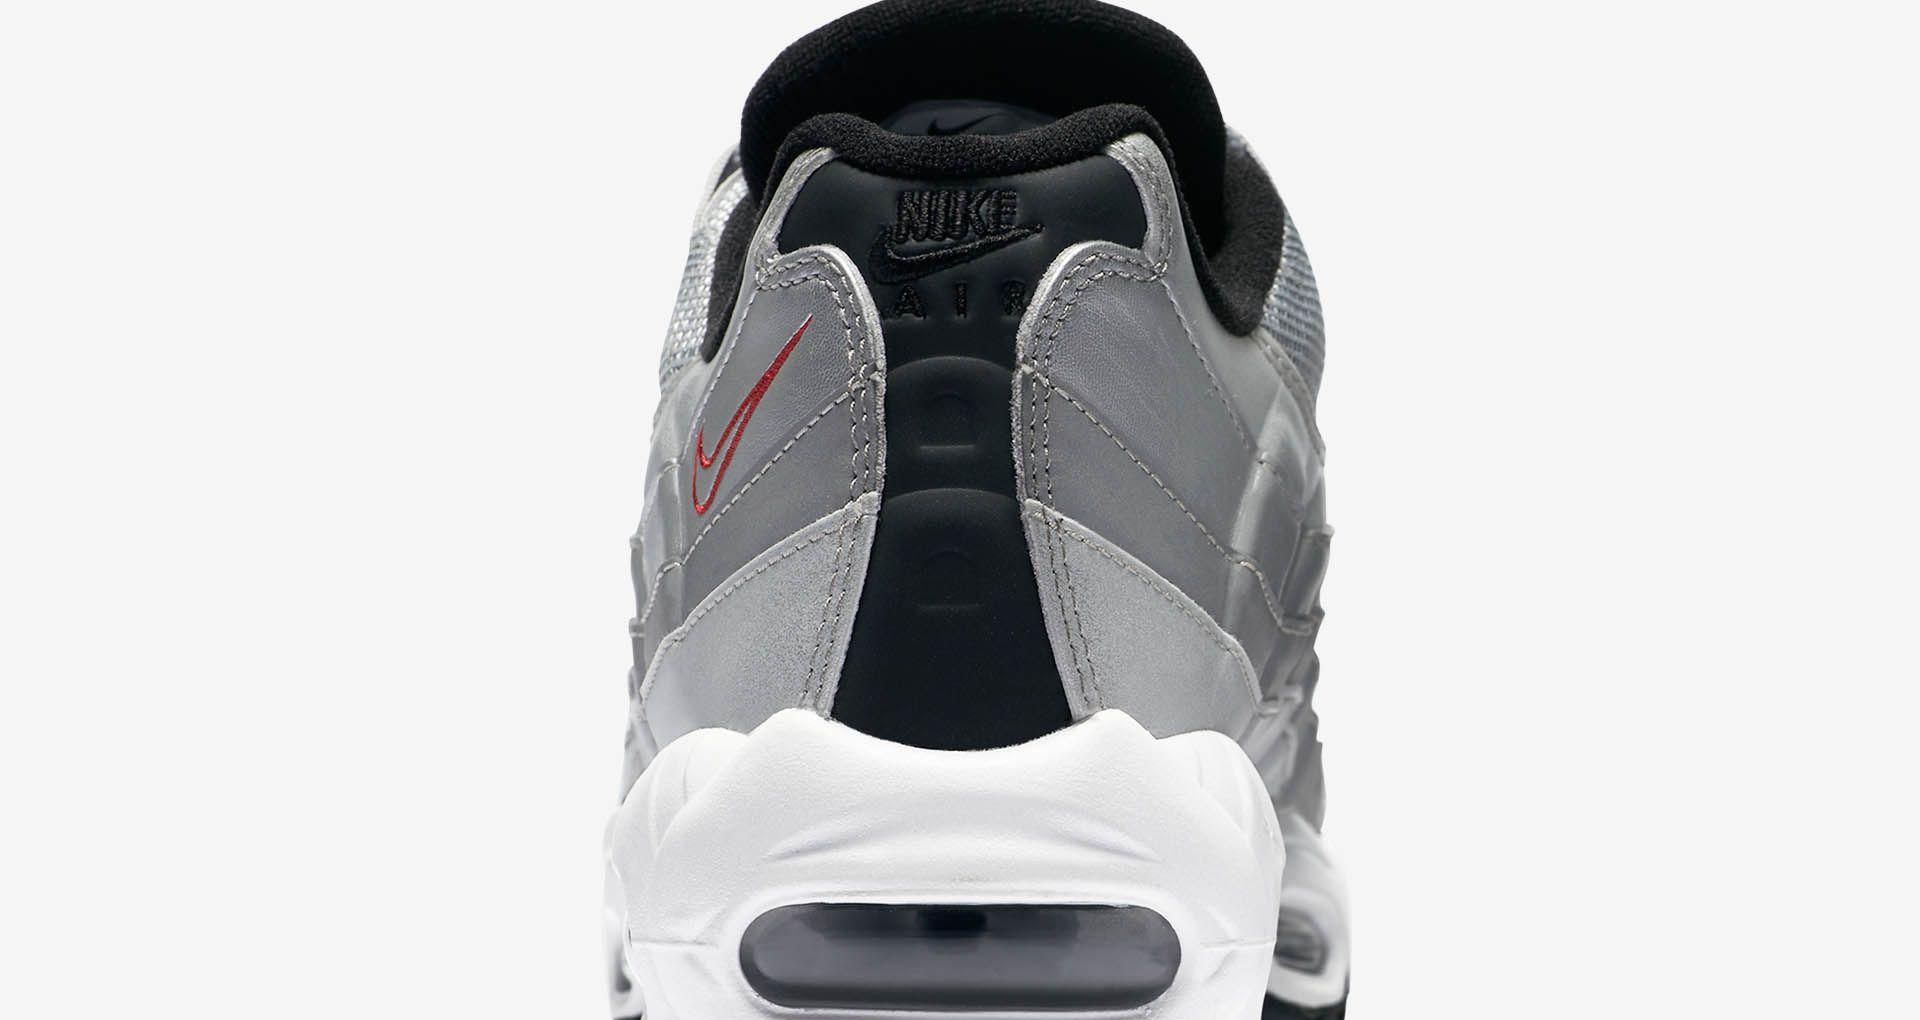 a288446d7a21 Nike Air Max 95 Premium 'Metallic Silver'. Nike+ SNKRS